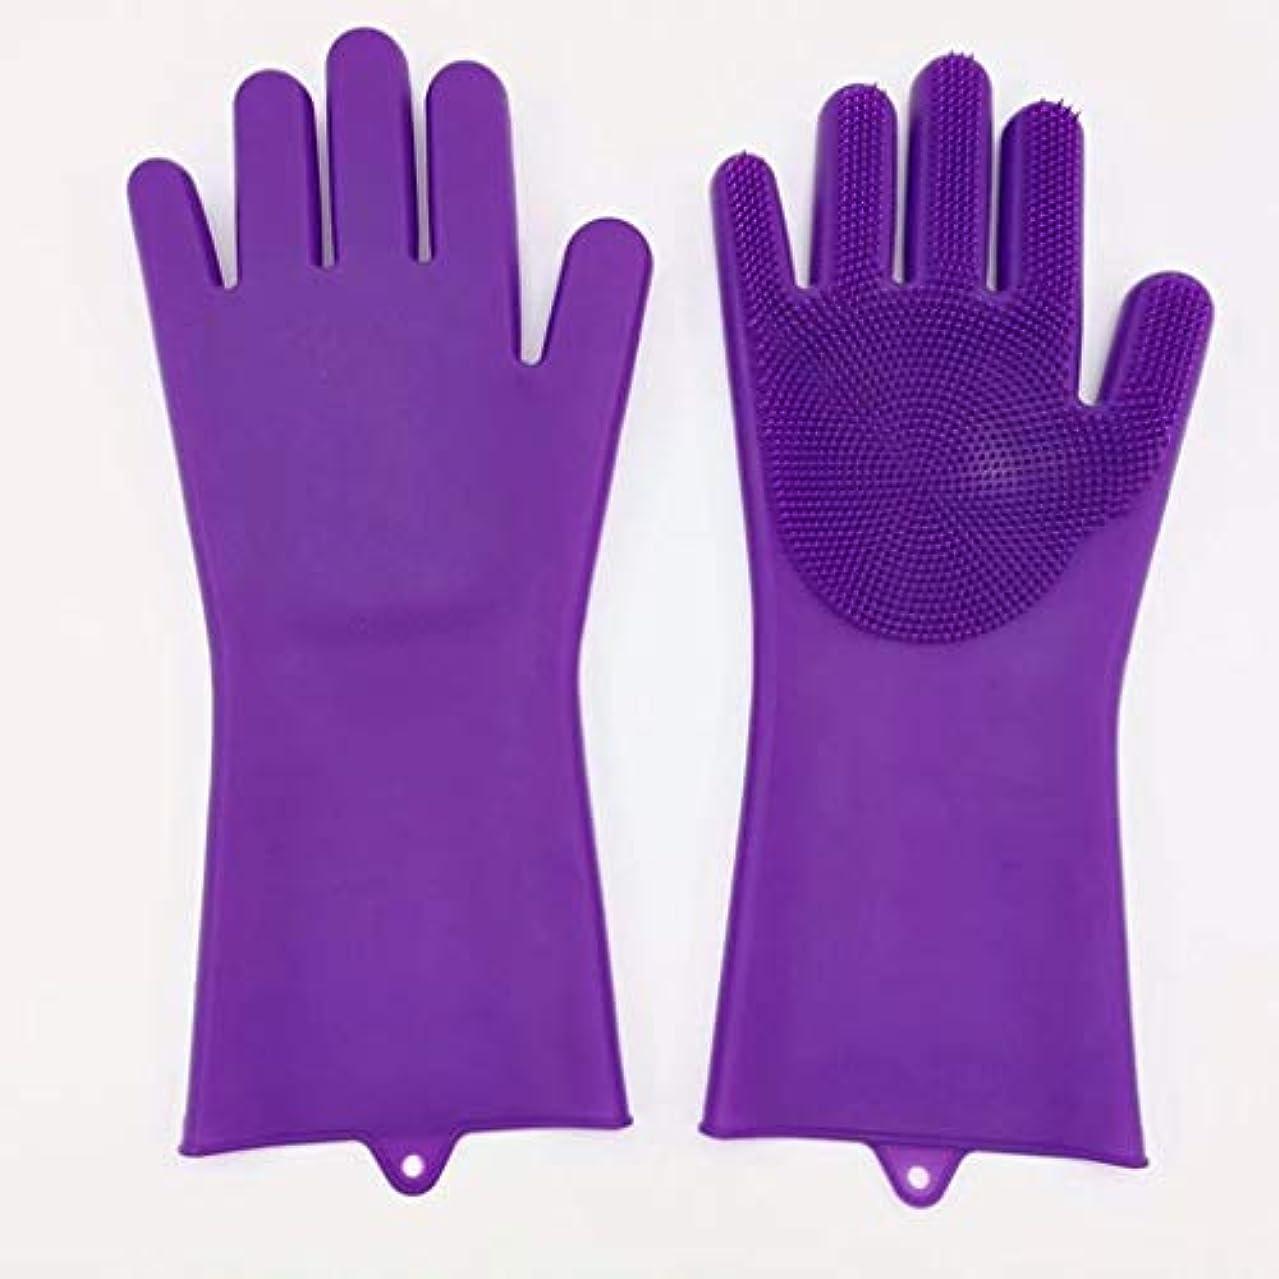 小道冷蔵する新着LWBUKK 食器洗い用シリコーン手袋、台所掃除用マジックグローブ、滑り止め防水高温手袋3色オプション 手袋 (Color : Purple)